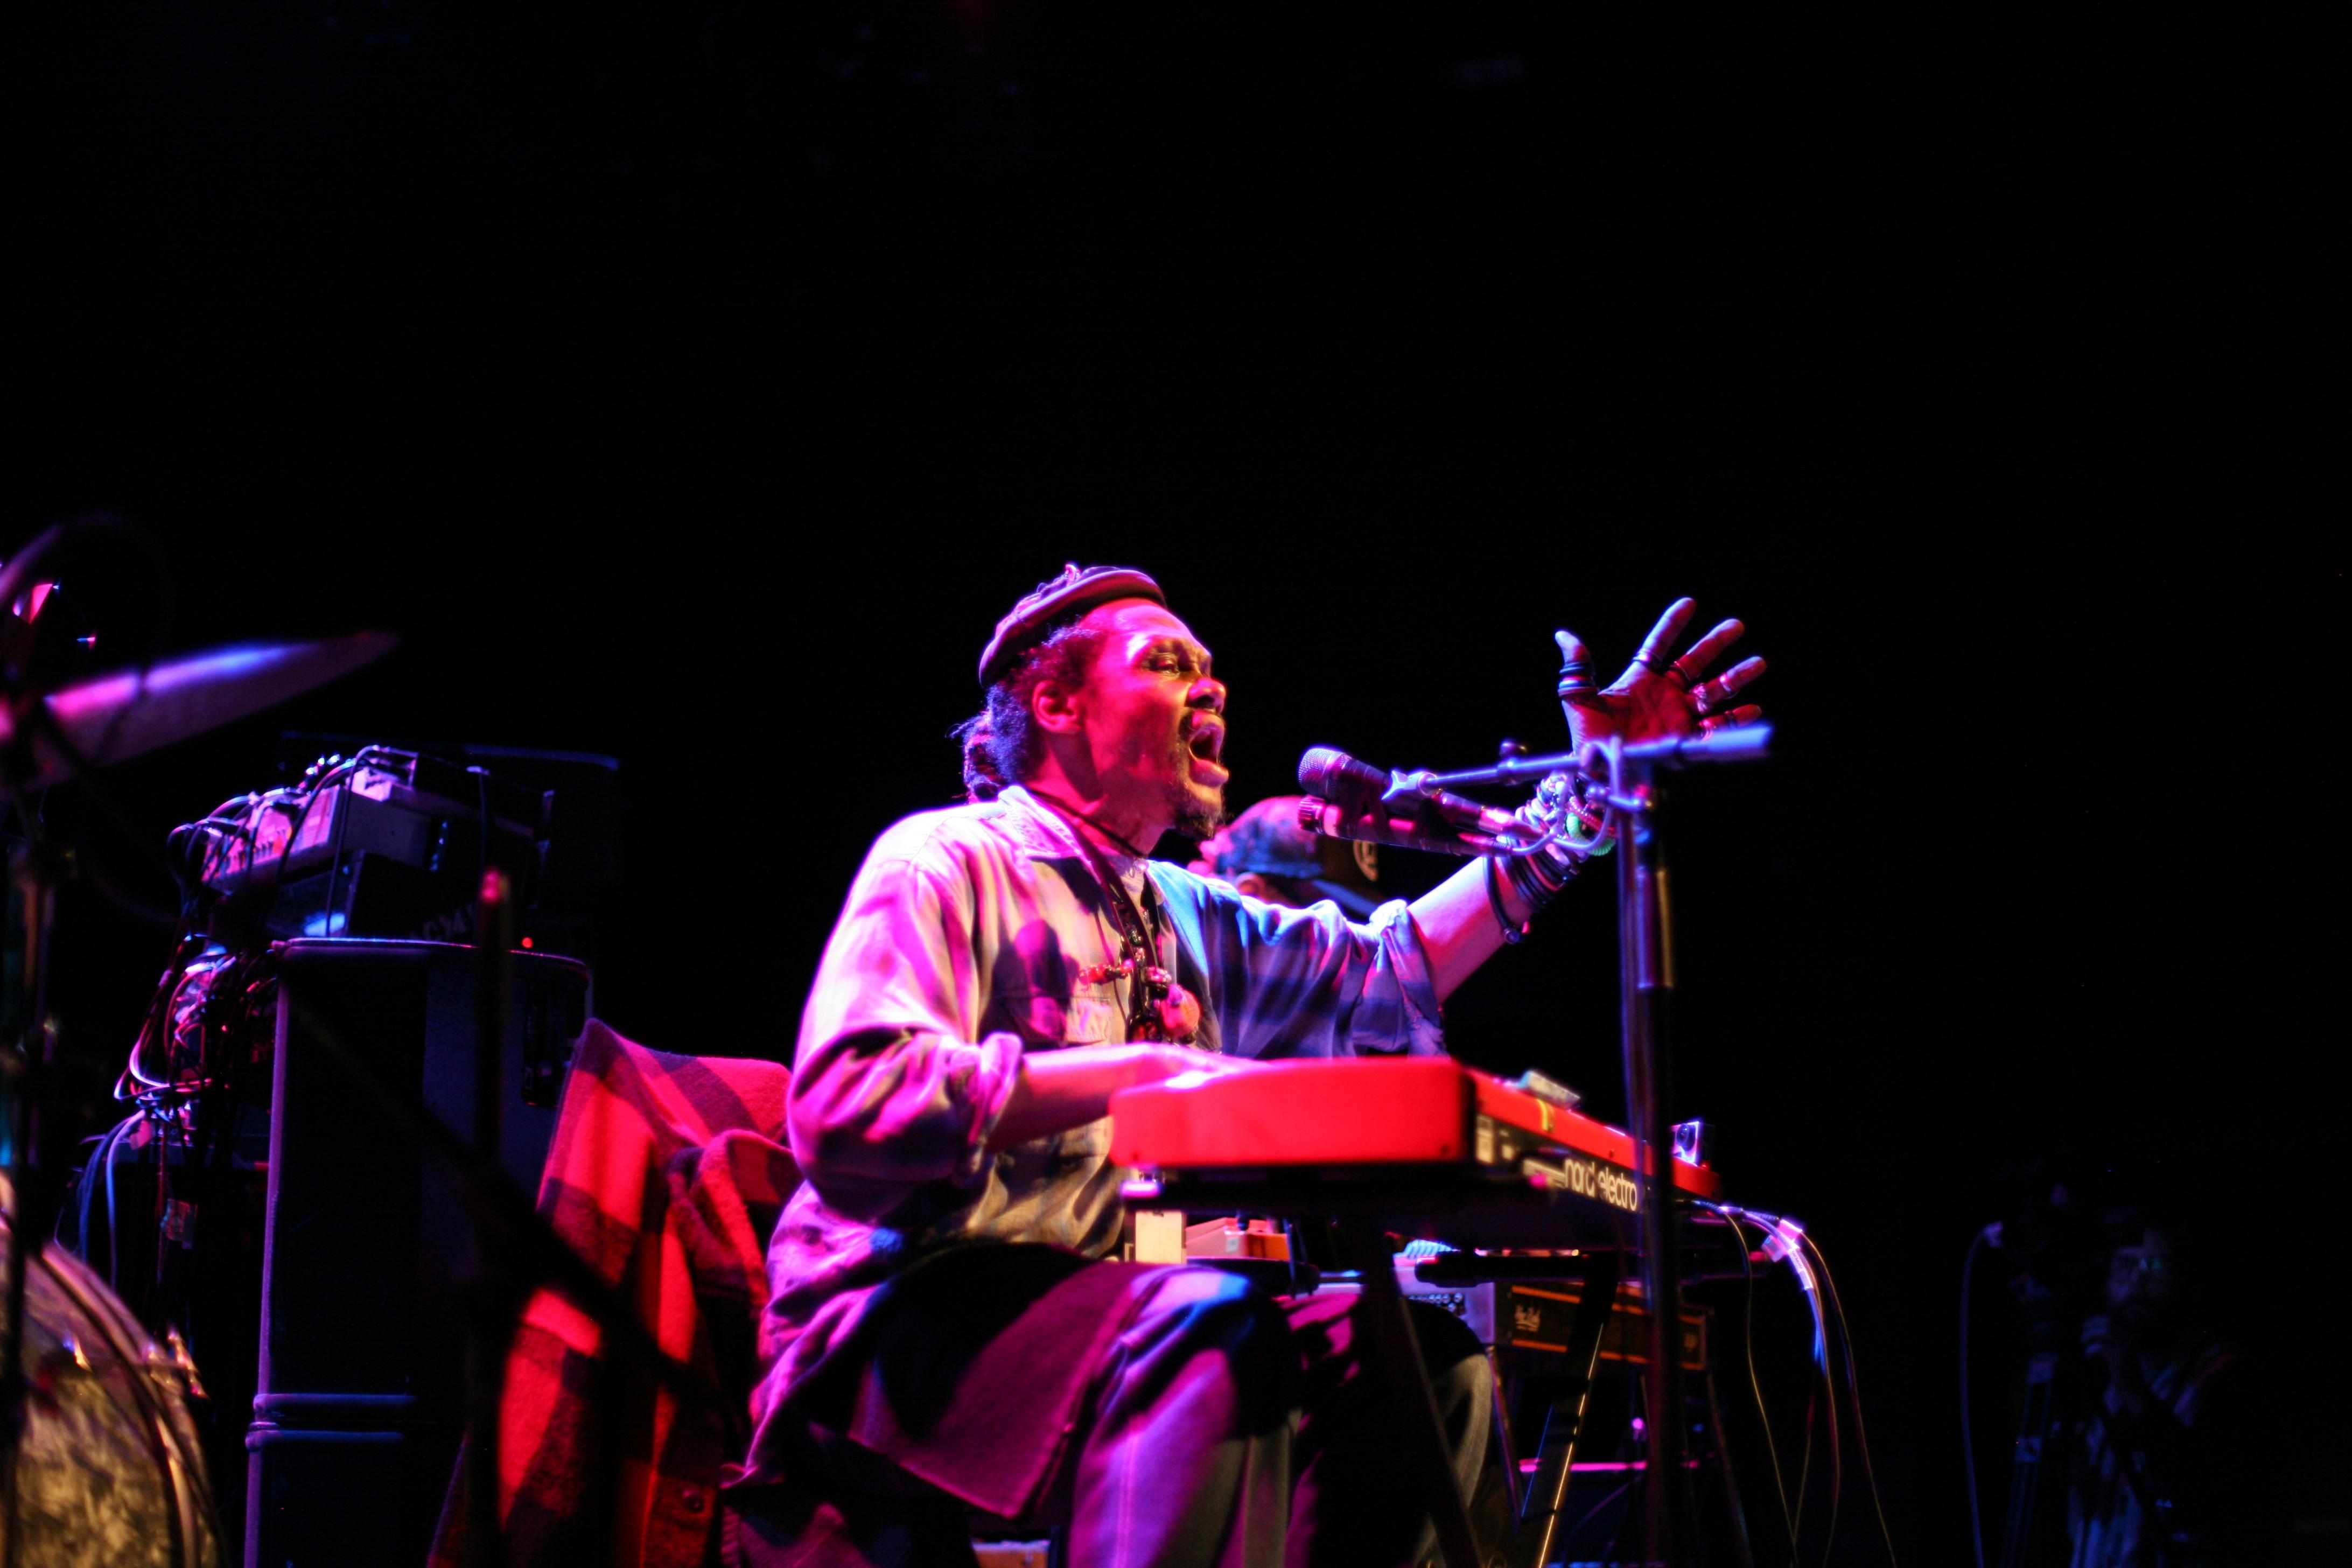 Com workshop e seis shows, Sesc Jazz começa nesta quarta-feira em Piracicaba - Notícias - Plantão Diário